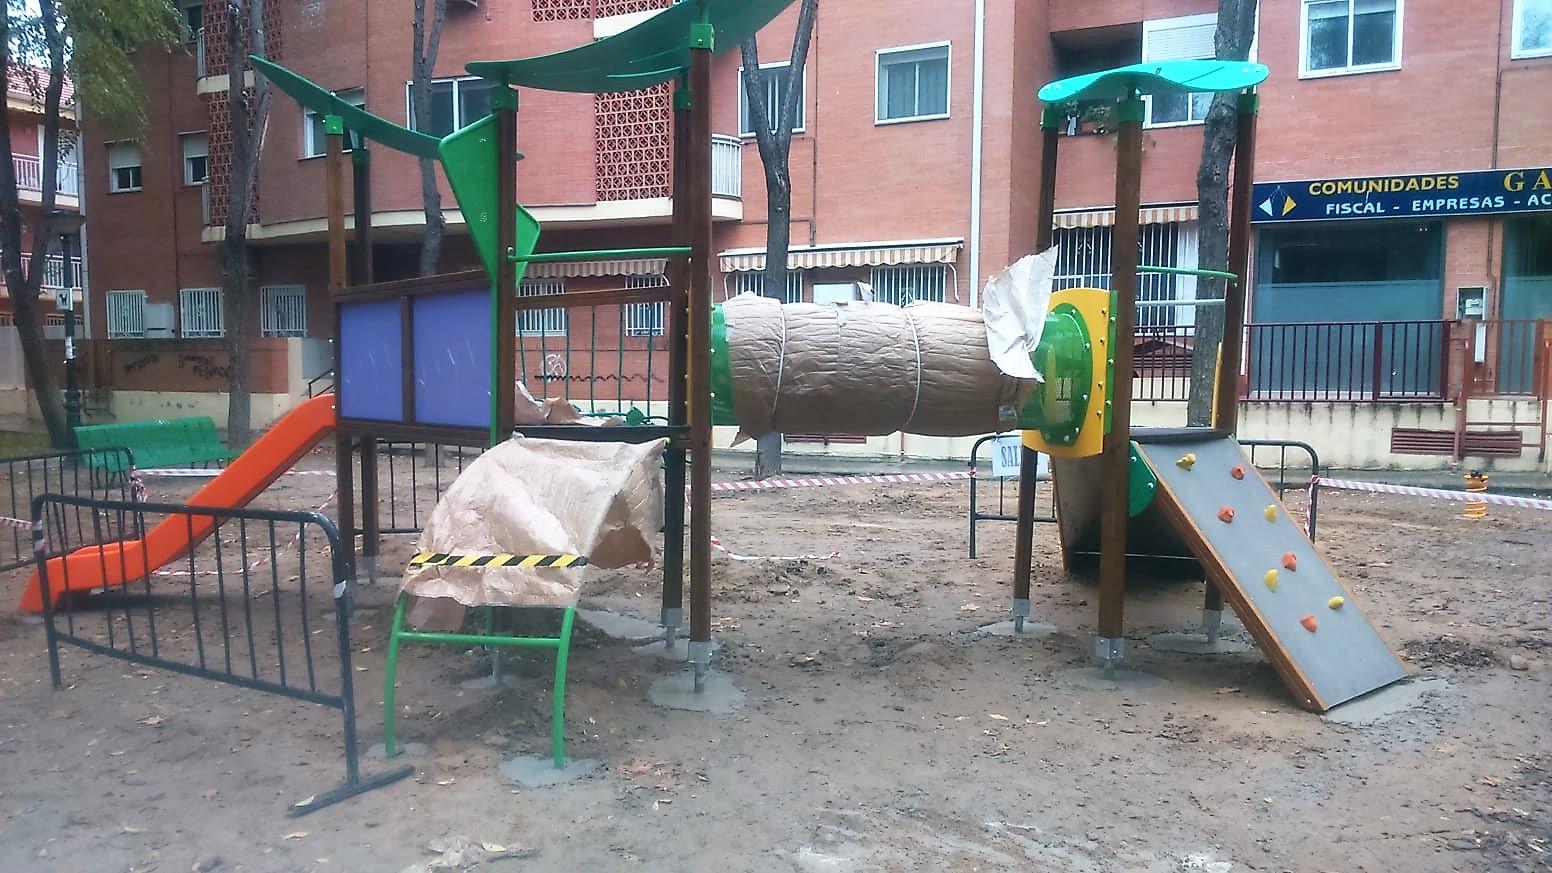 Continúan las inversiones para mejorar los parques infantiles de Velilla